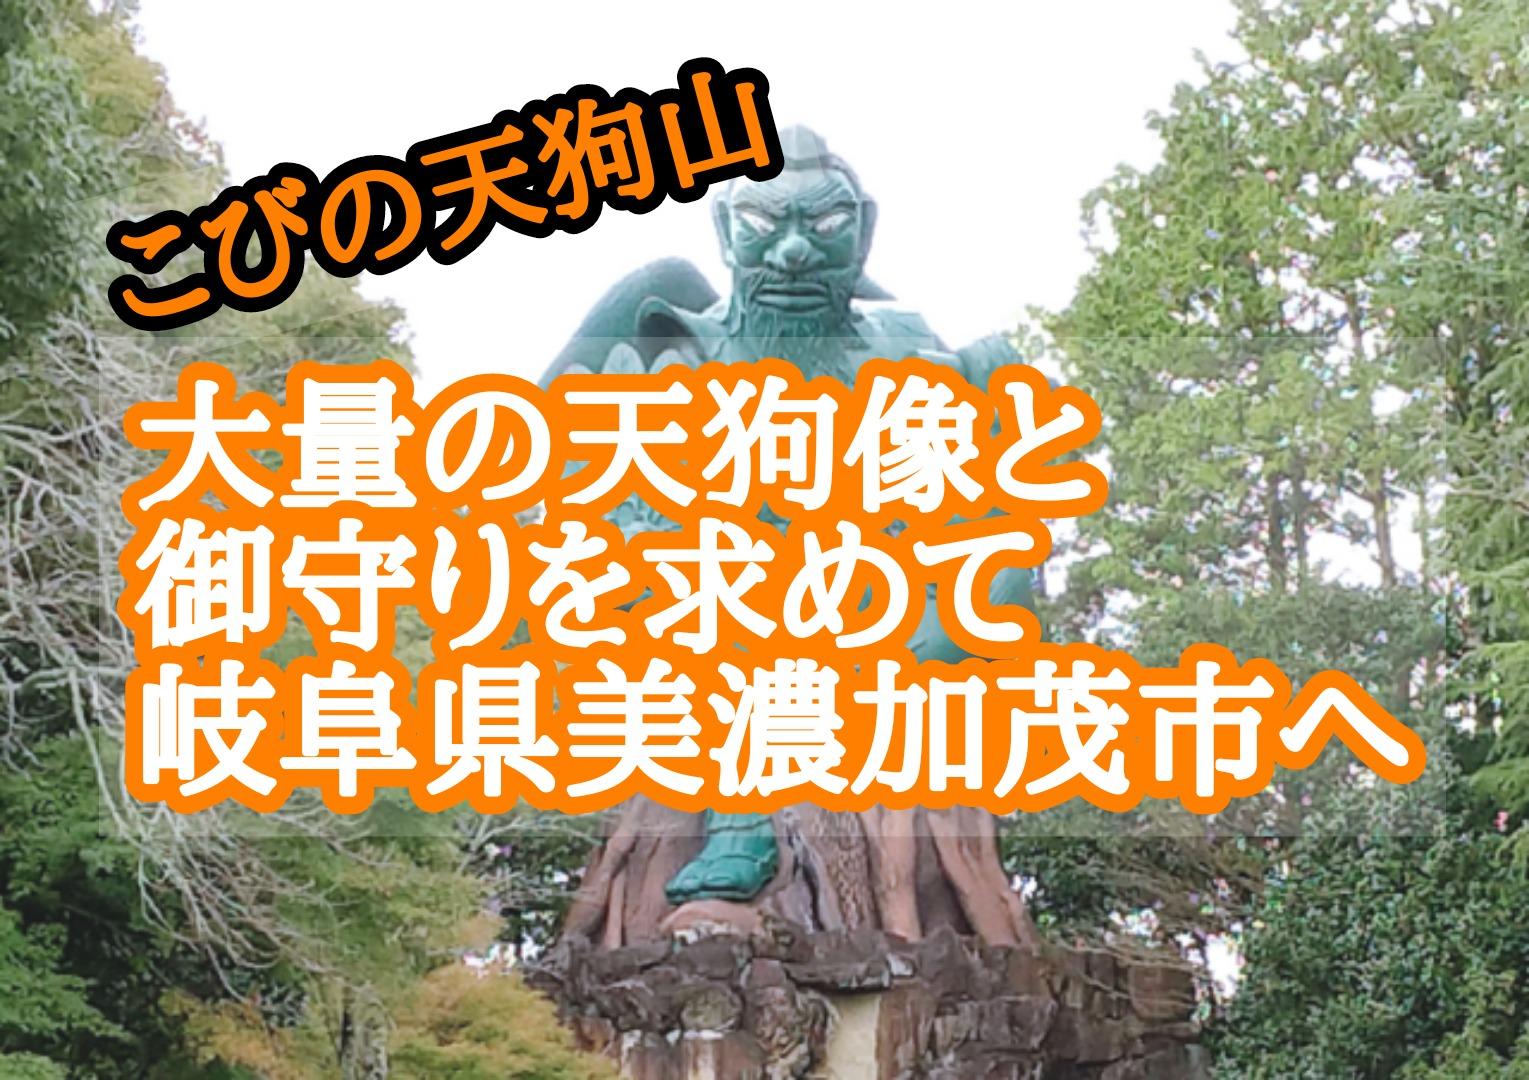 こびの天狗山 大量の天狗像と御守りを求めて岐阜県美濃加茂市へ